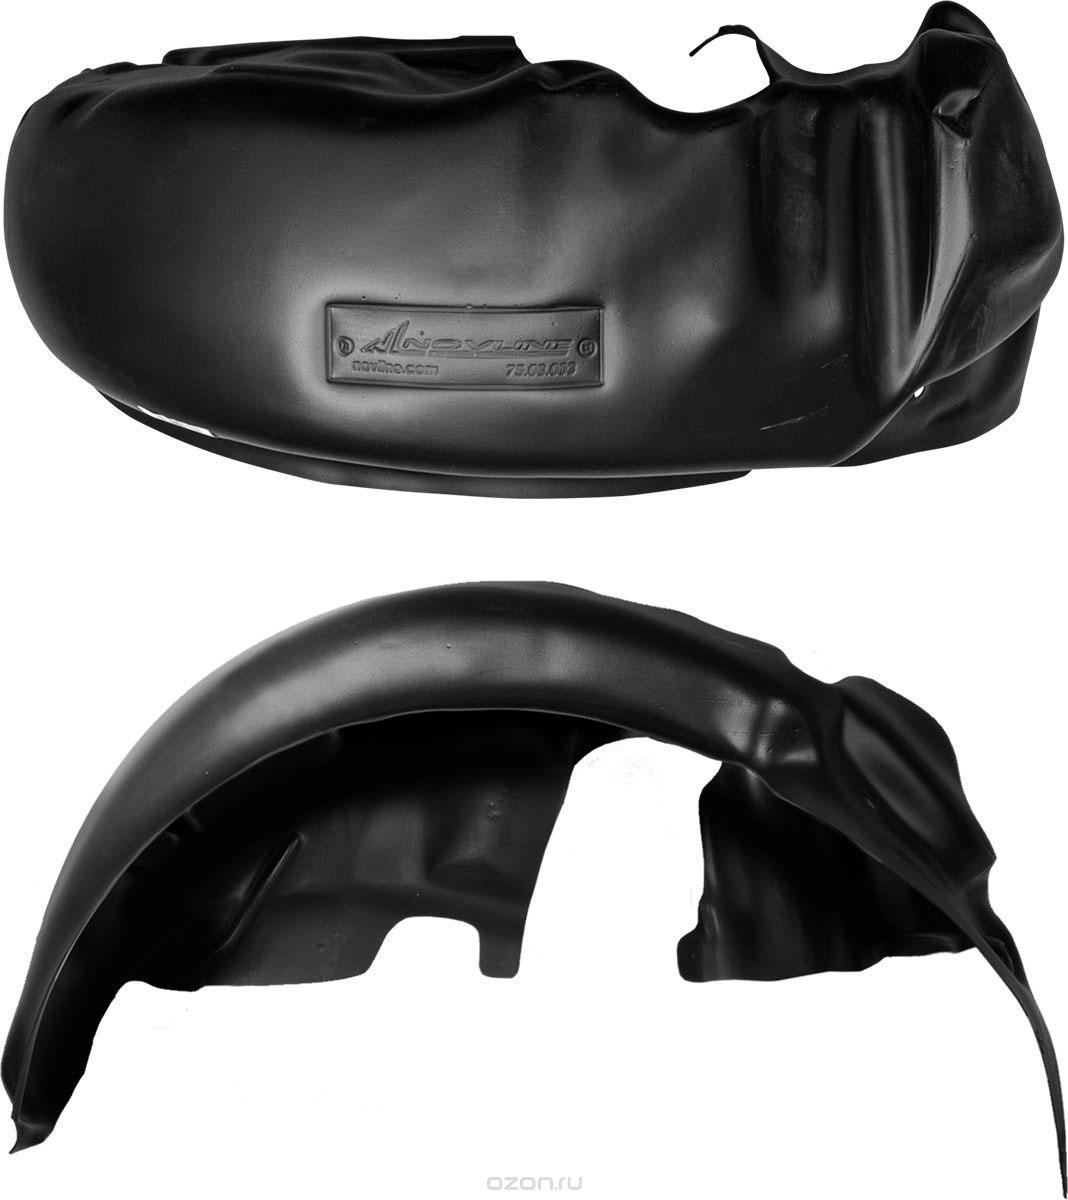 Подкрылок Novline-Autofamily, для ВАЗ 2110 1995-2007 б/б, передний правый000502Идеальная защита колесной ниши. Локеры разработаны с применением цифровых технологий, гарантируют максимальную повторяемость поверхности арки. Изделия устанавливаются без нарушения лакокрасочного покрытия автомобиля, каждый подкрылок комплектуется крепежом. Уважаемые клиенты, обращаем ваше внимание, что фотографии на подкрылки универсальные и не отражают реальную форму изделия. При этом само изделие идет точно под размер указанного автомобиля.